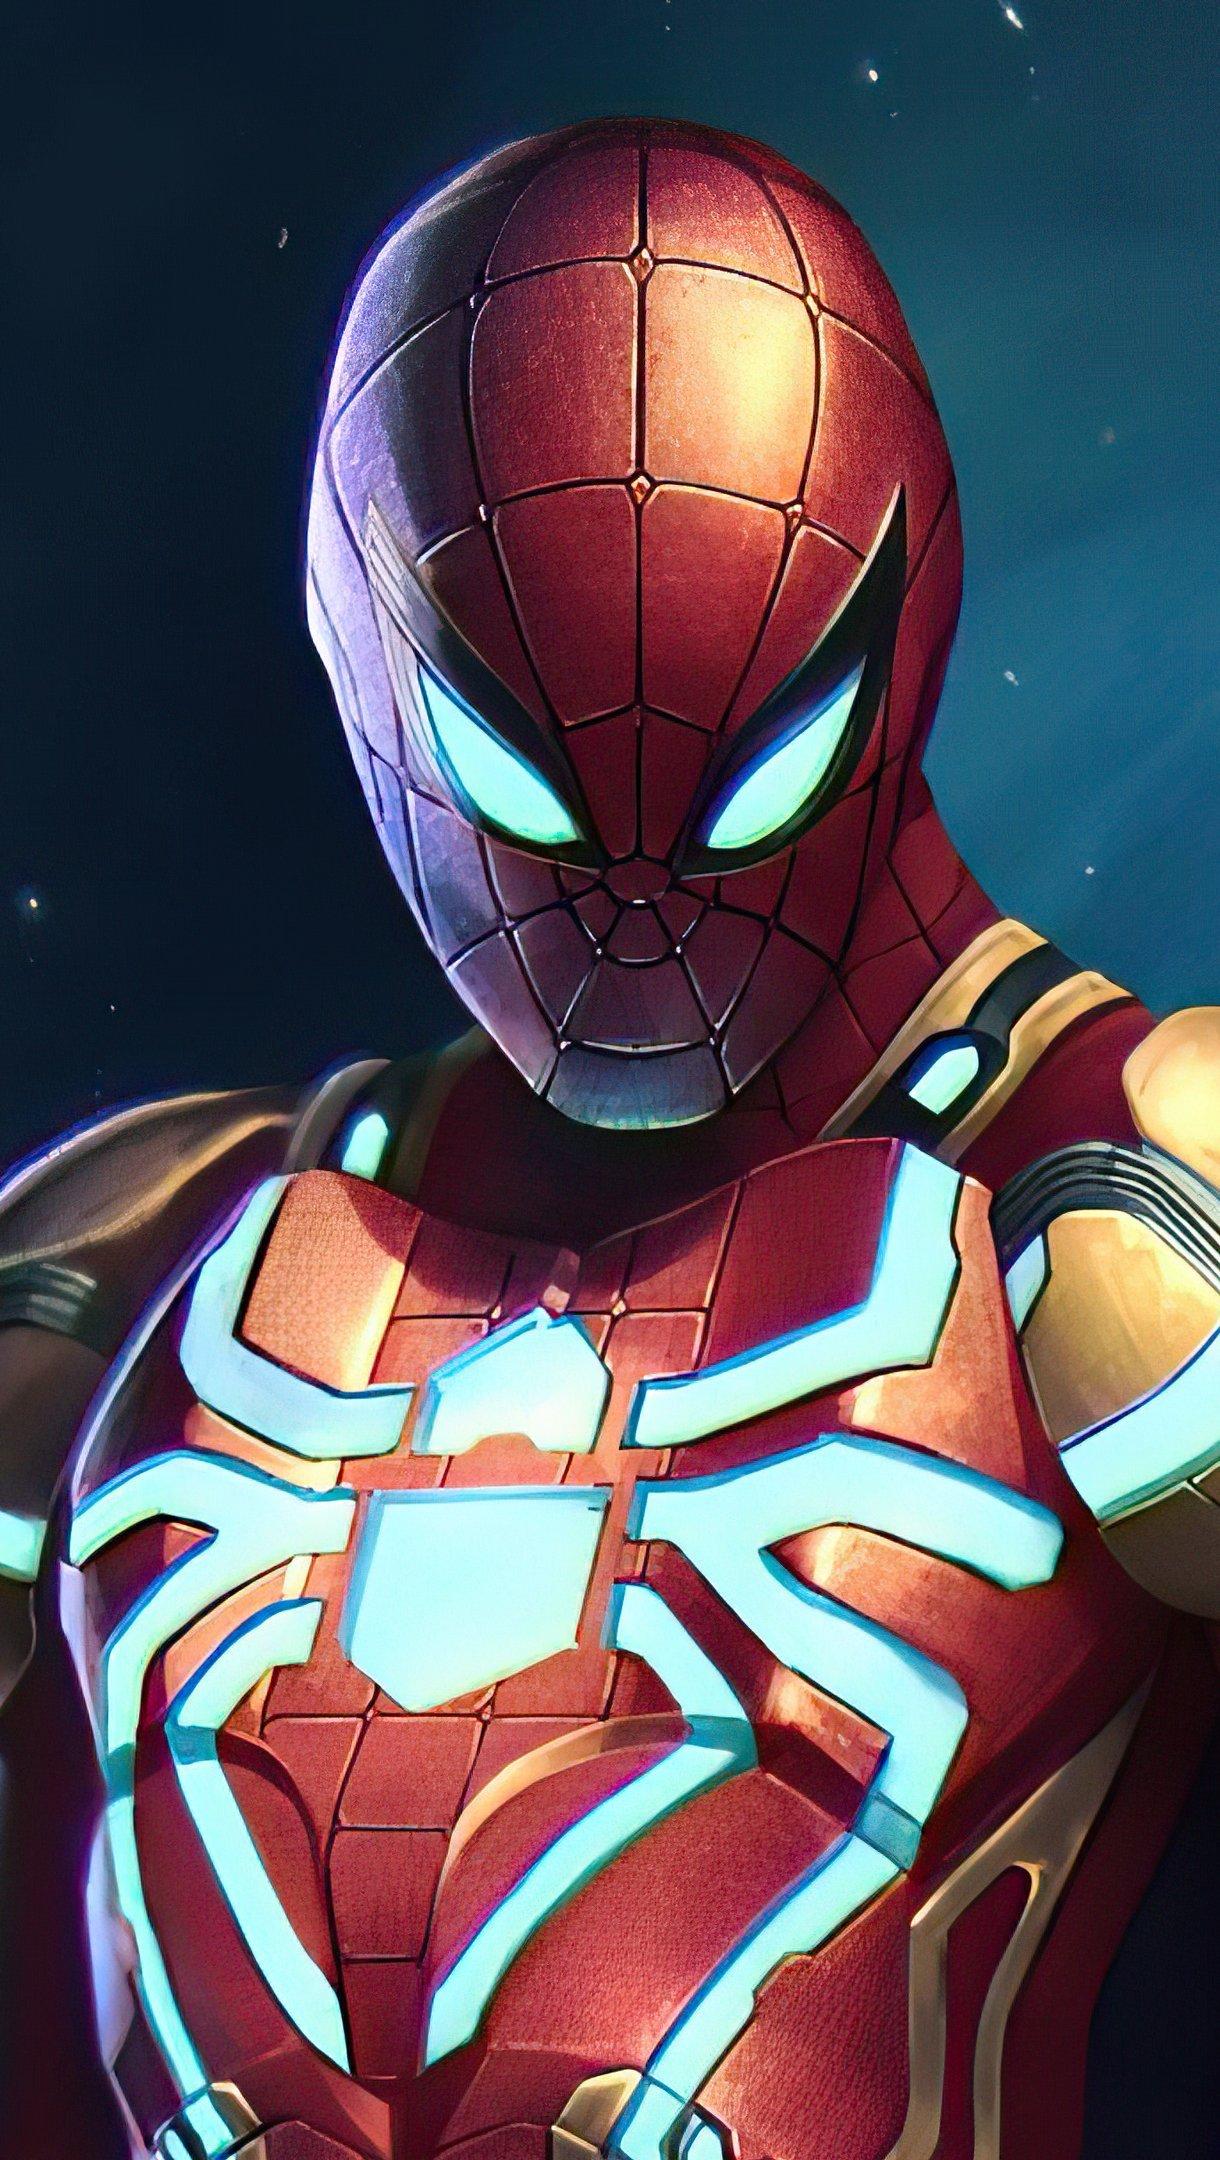 Fondos de pantalla El hombre araña con traje nuevo Vertical